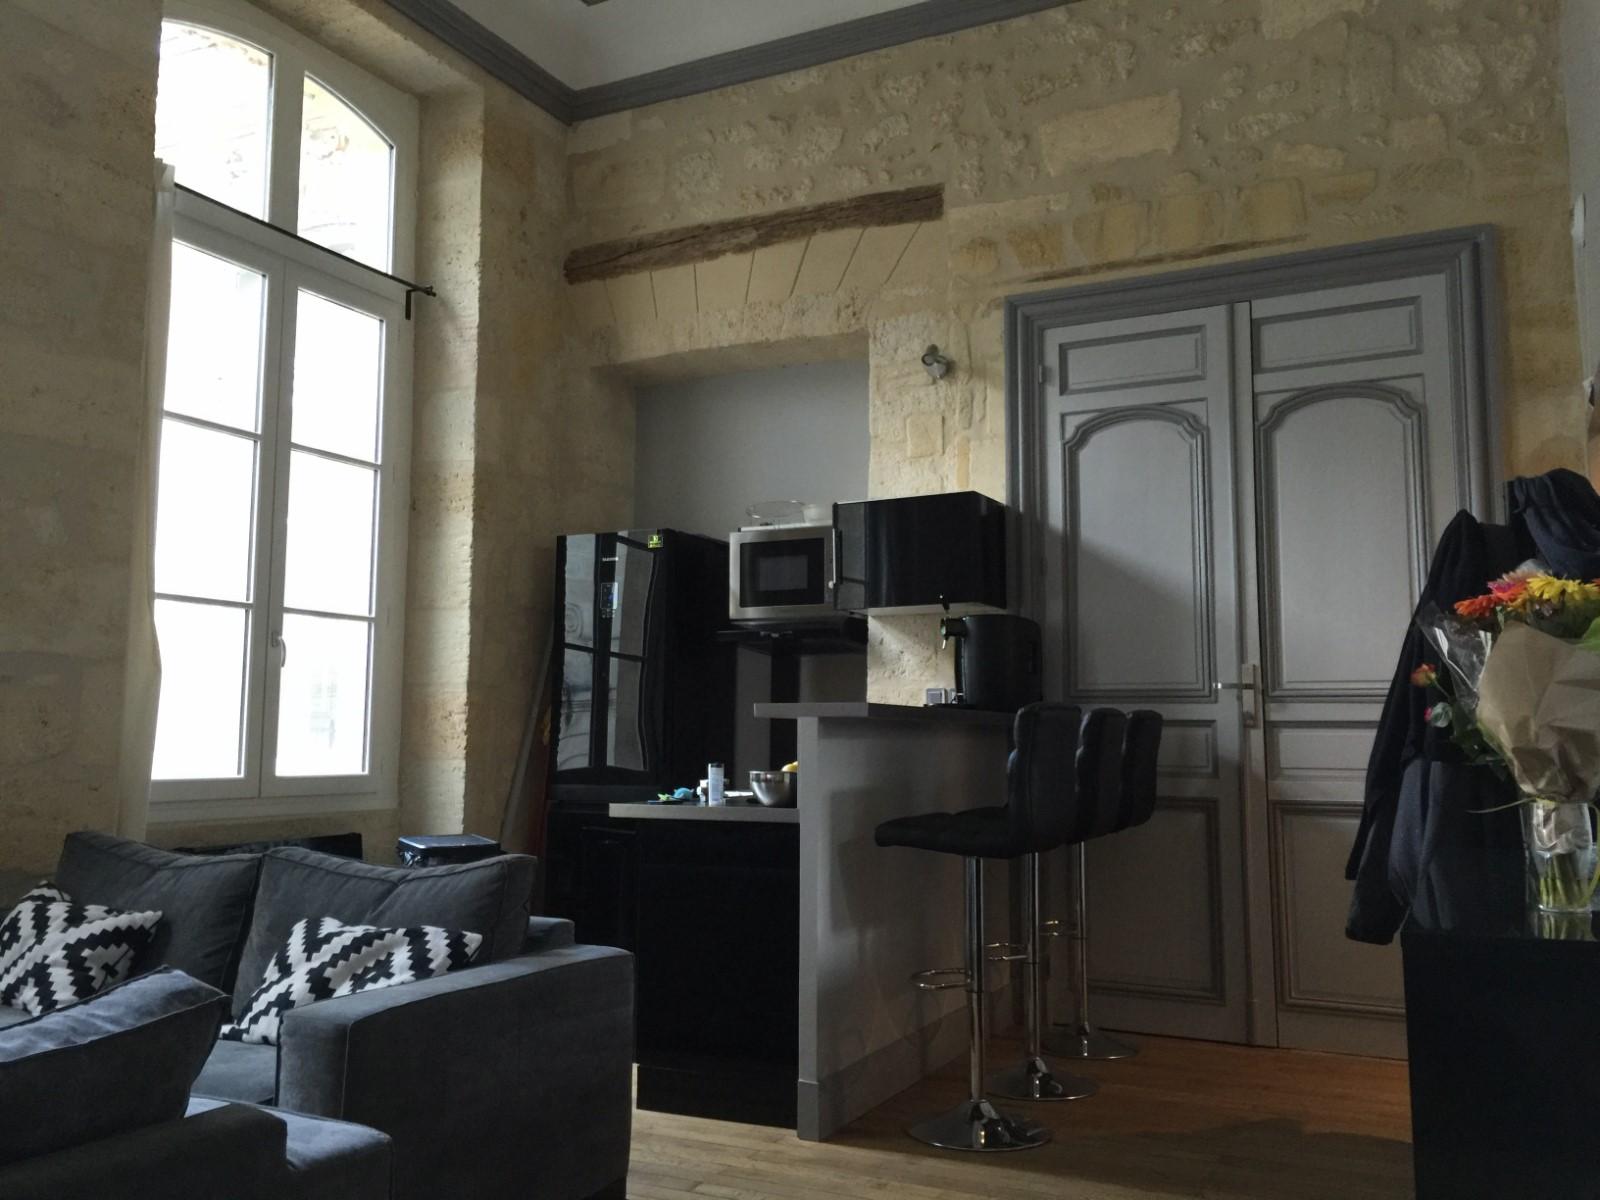 Achat appartement bordeaux tous les conseils pour bien for Bordeaux appartement achat